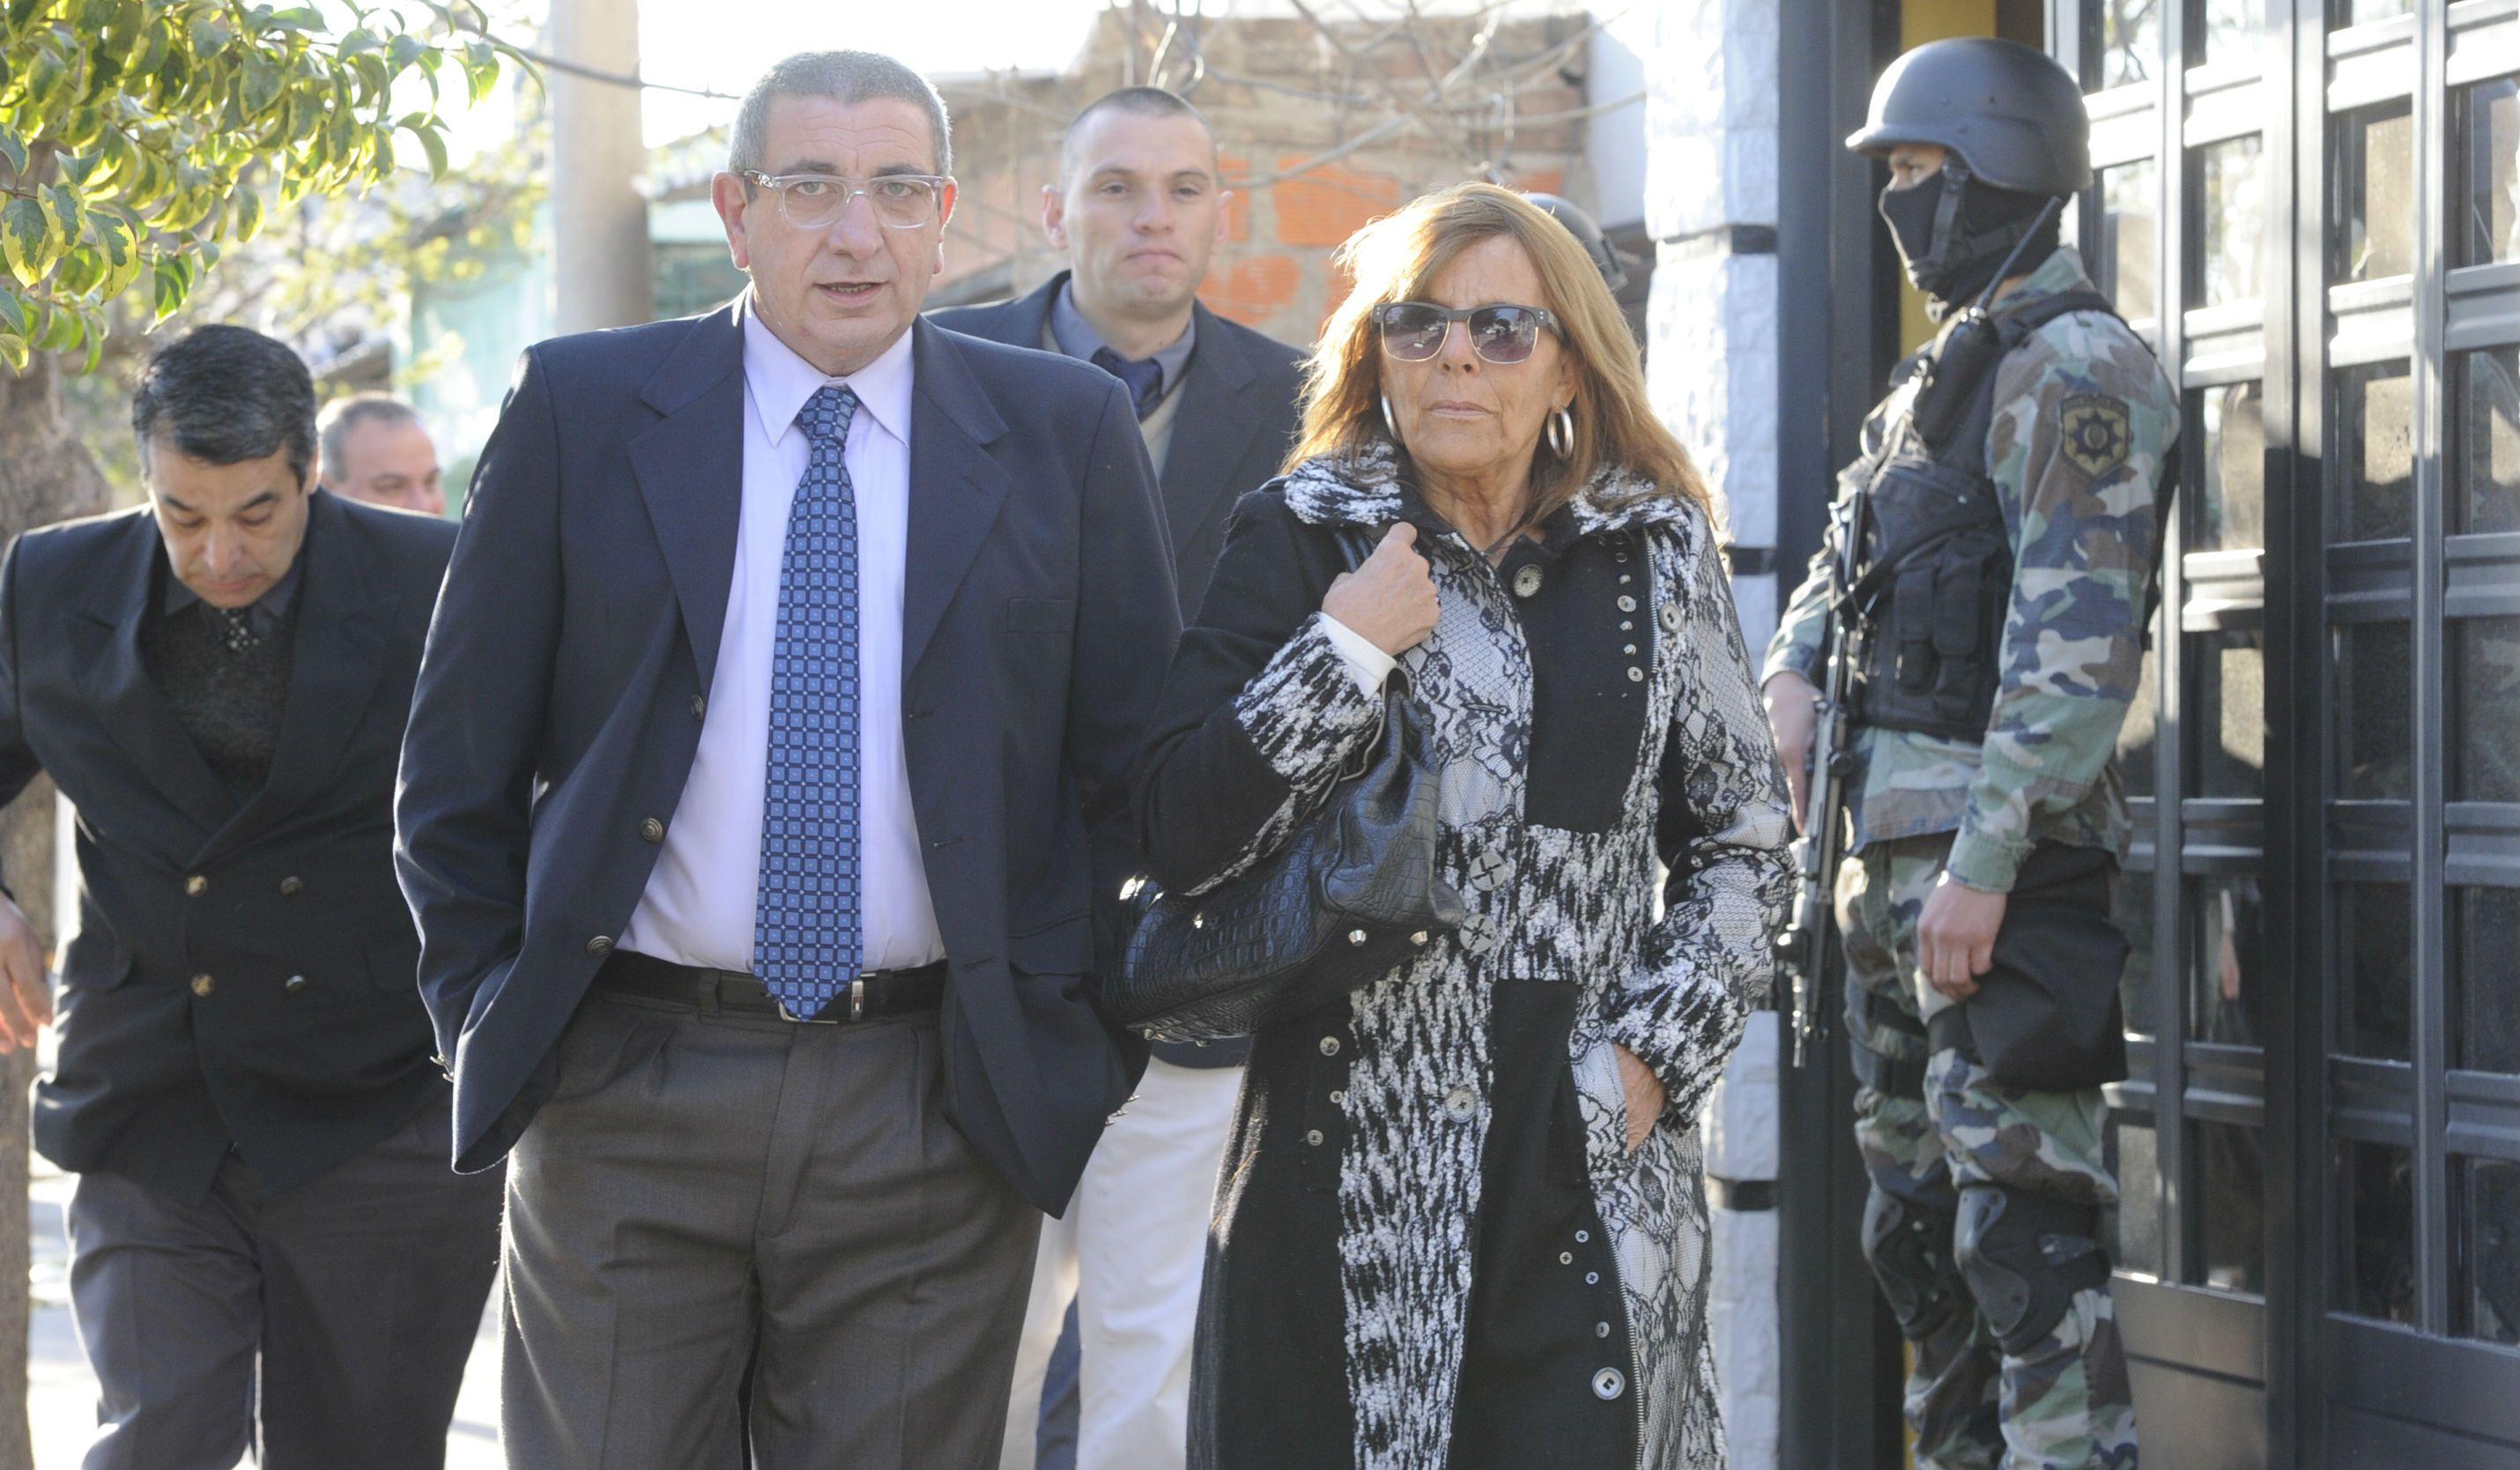 El legislador provincial Maximiliano Pullaro pidió prudencia en las críticas a la investigación del juez Juan Carlos Vienna.